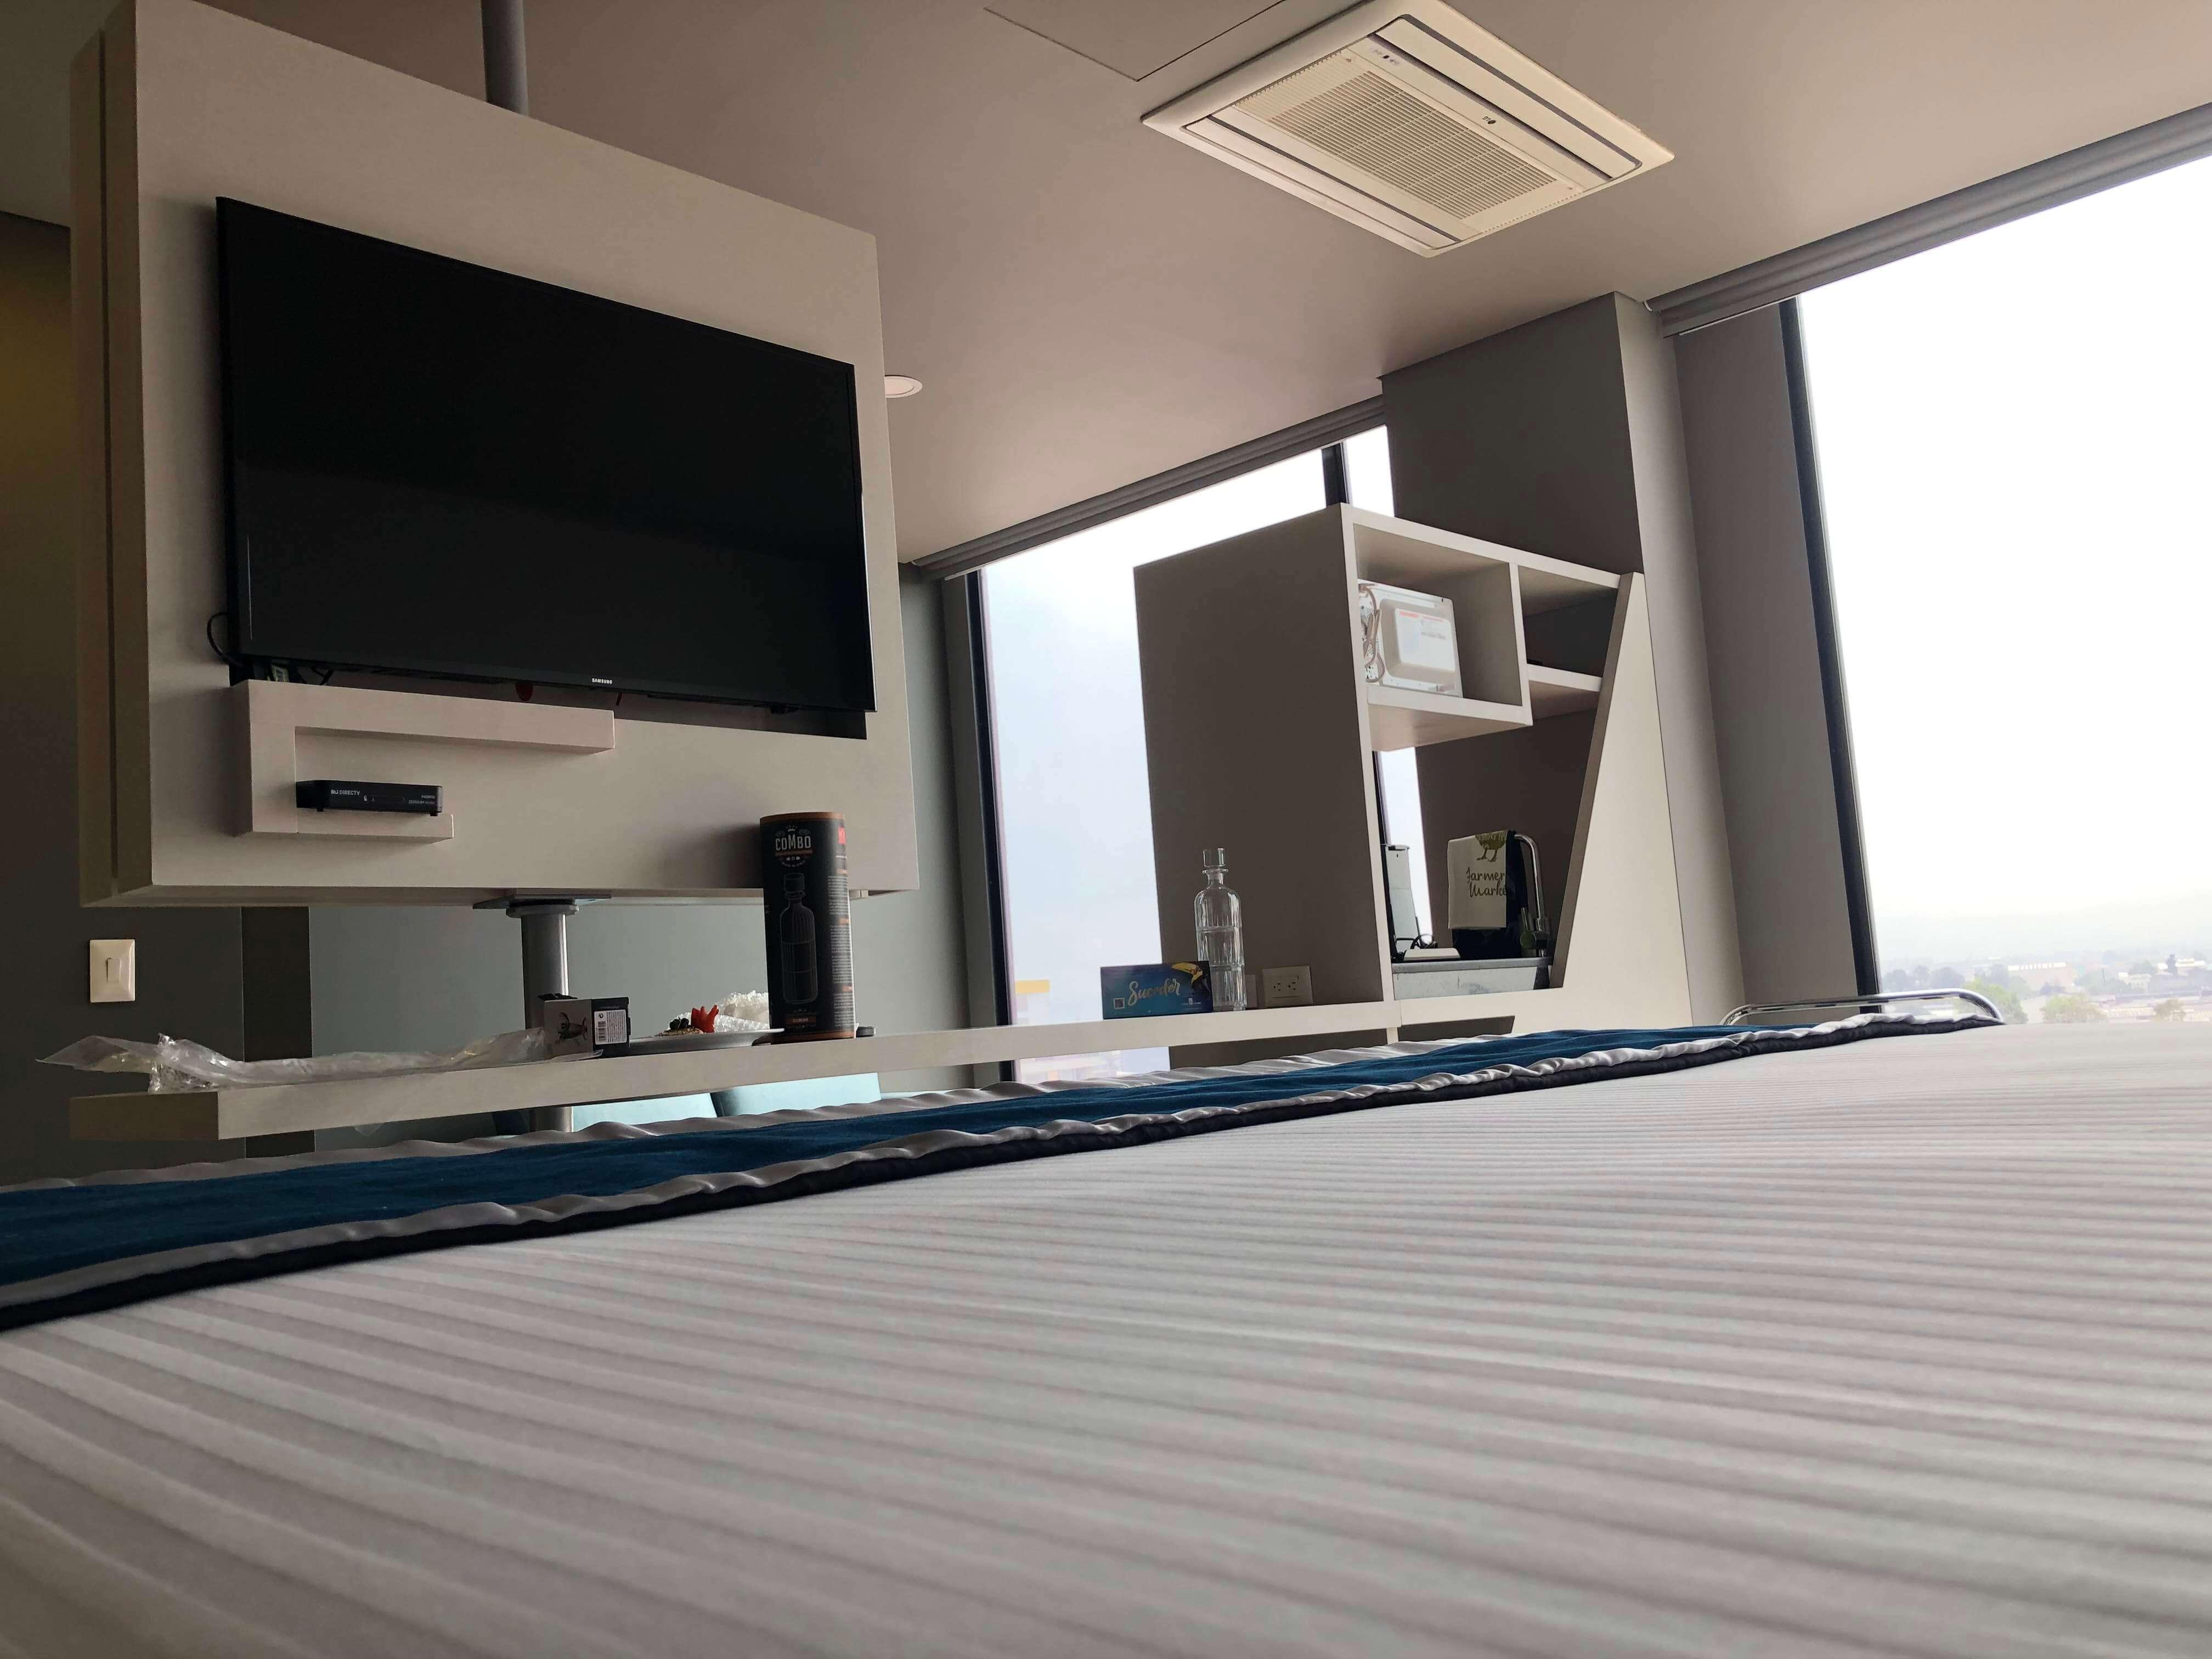 habitaciones de hotel baratas en bogota